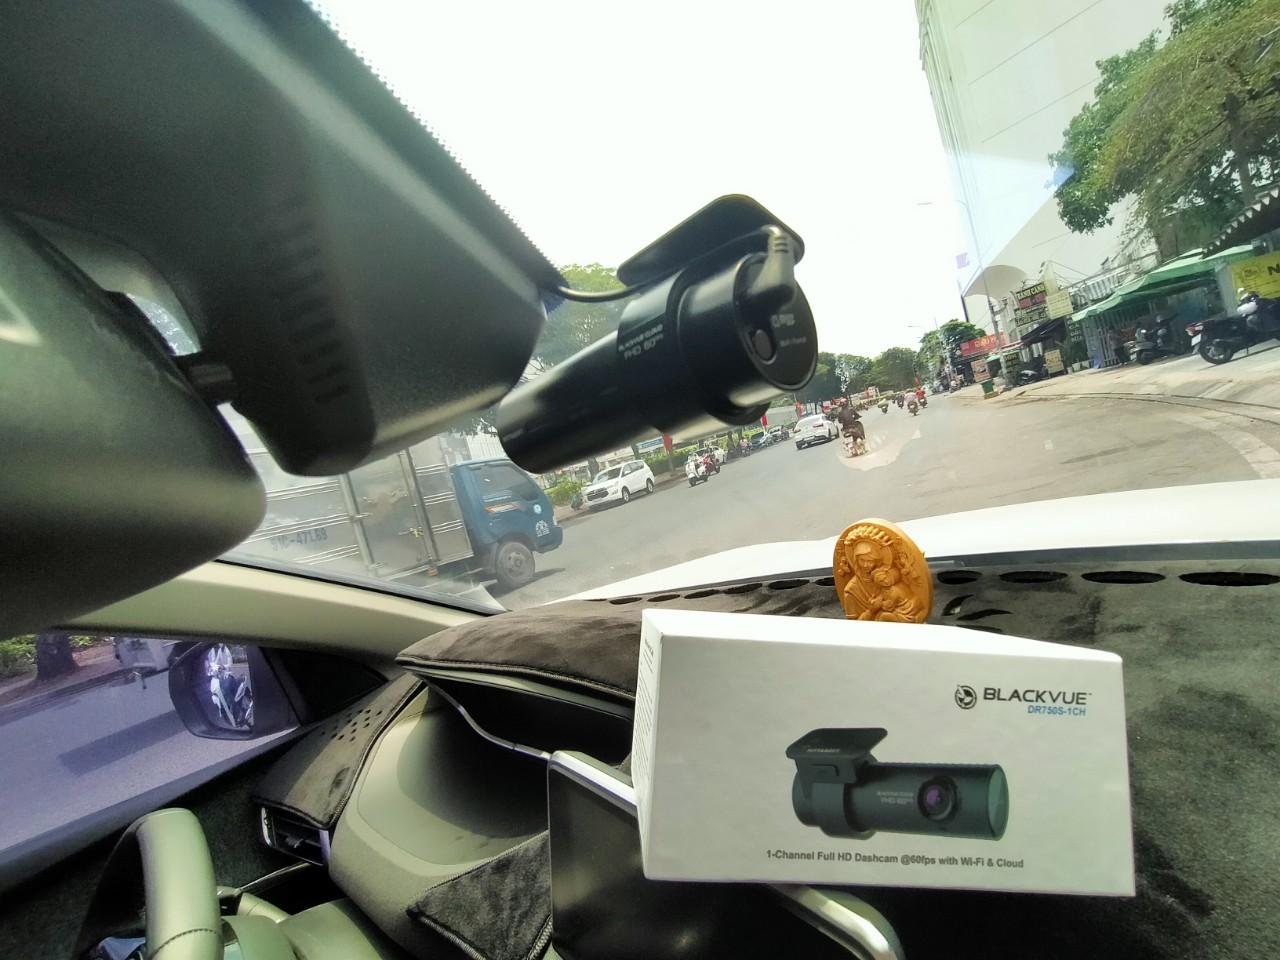 b1e72e766c9d96c3cf8c 1 - Màn hình và cảnh báo camera hành trình có cần thiết?